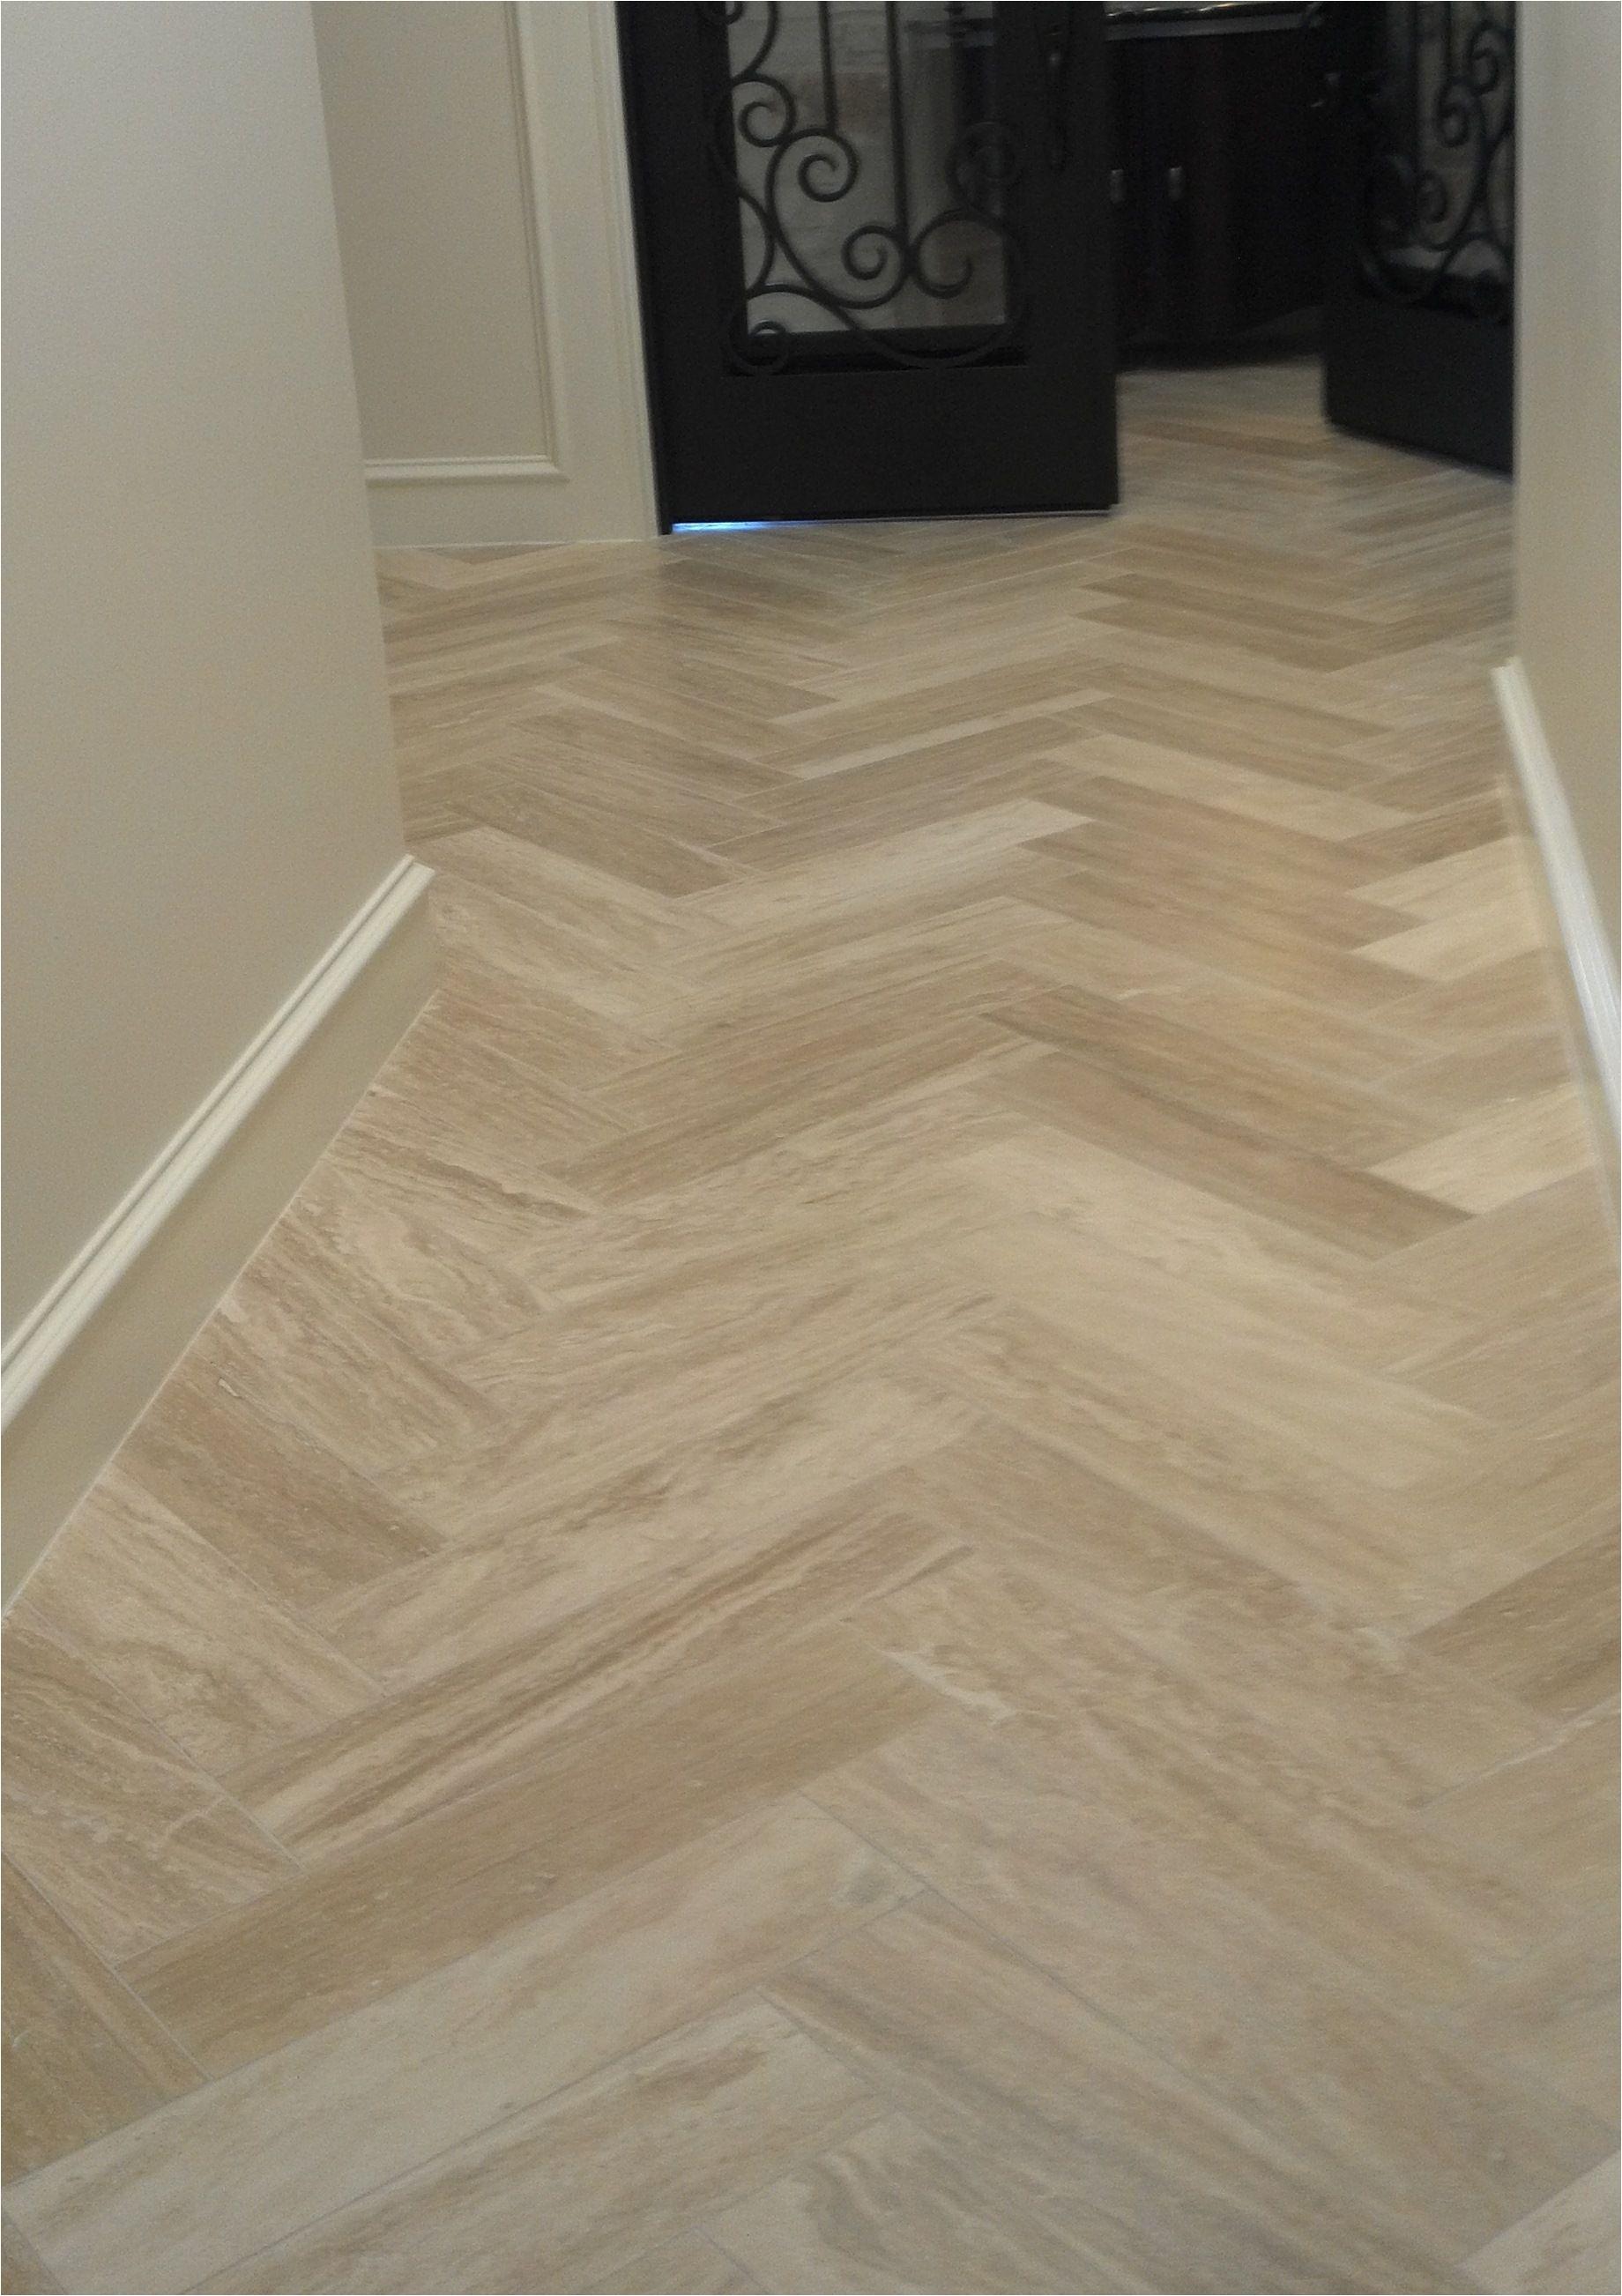 travertine tile planks emser tile too much color variation but nice idea